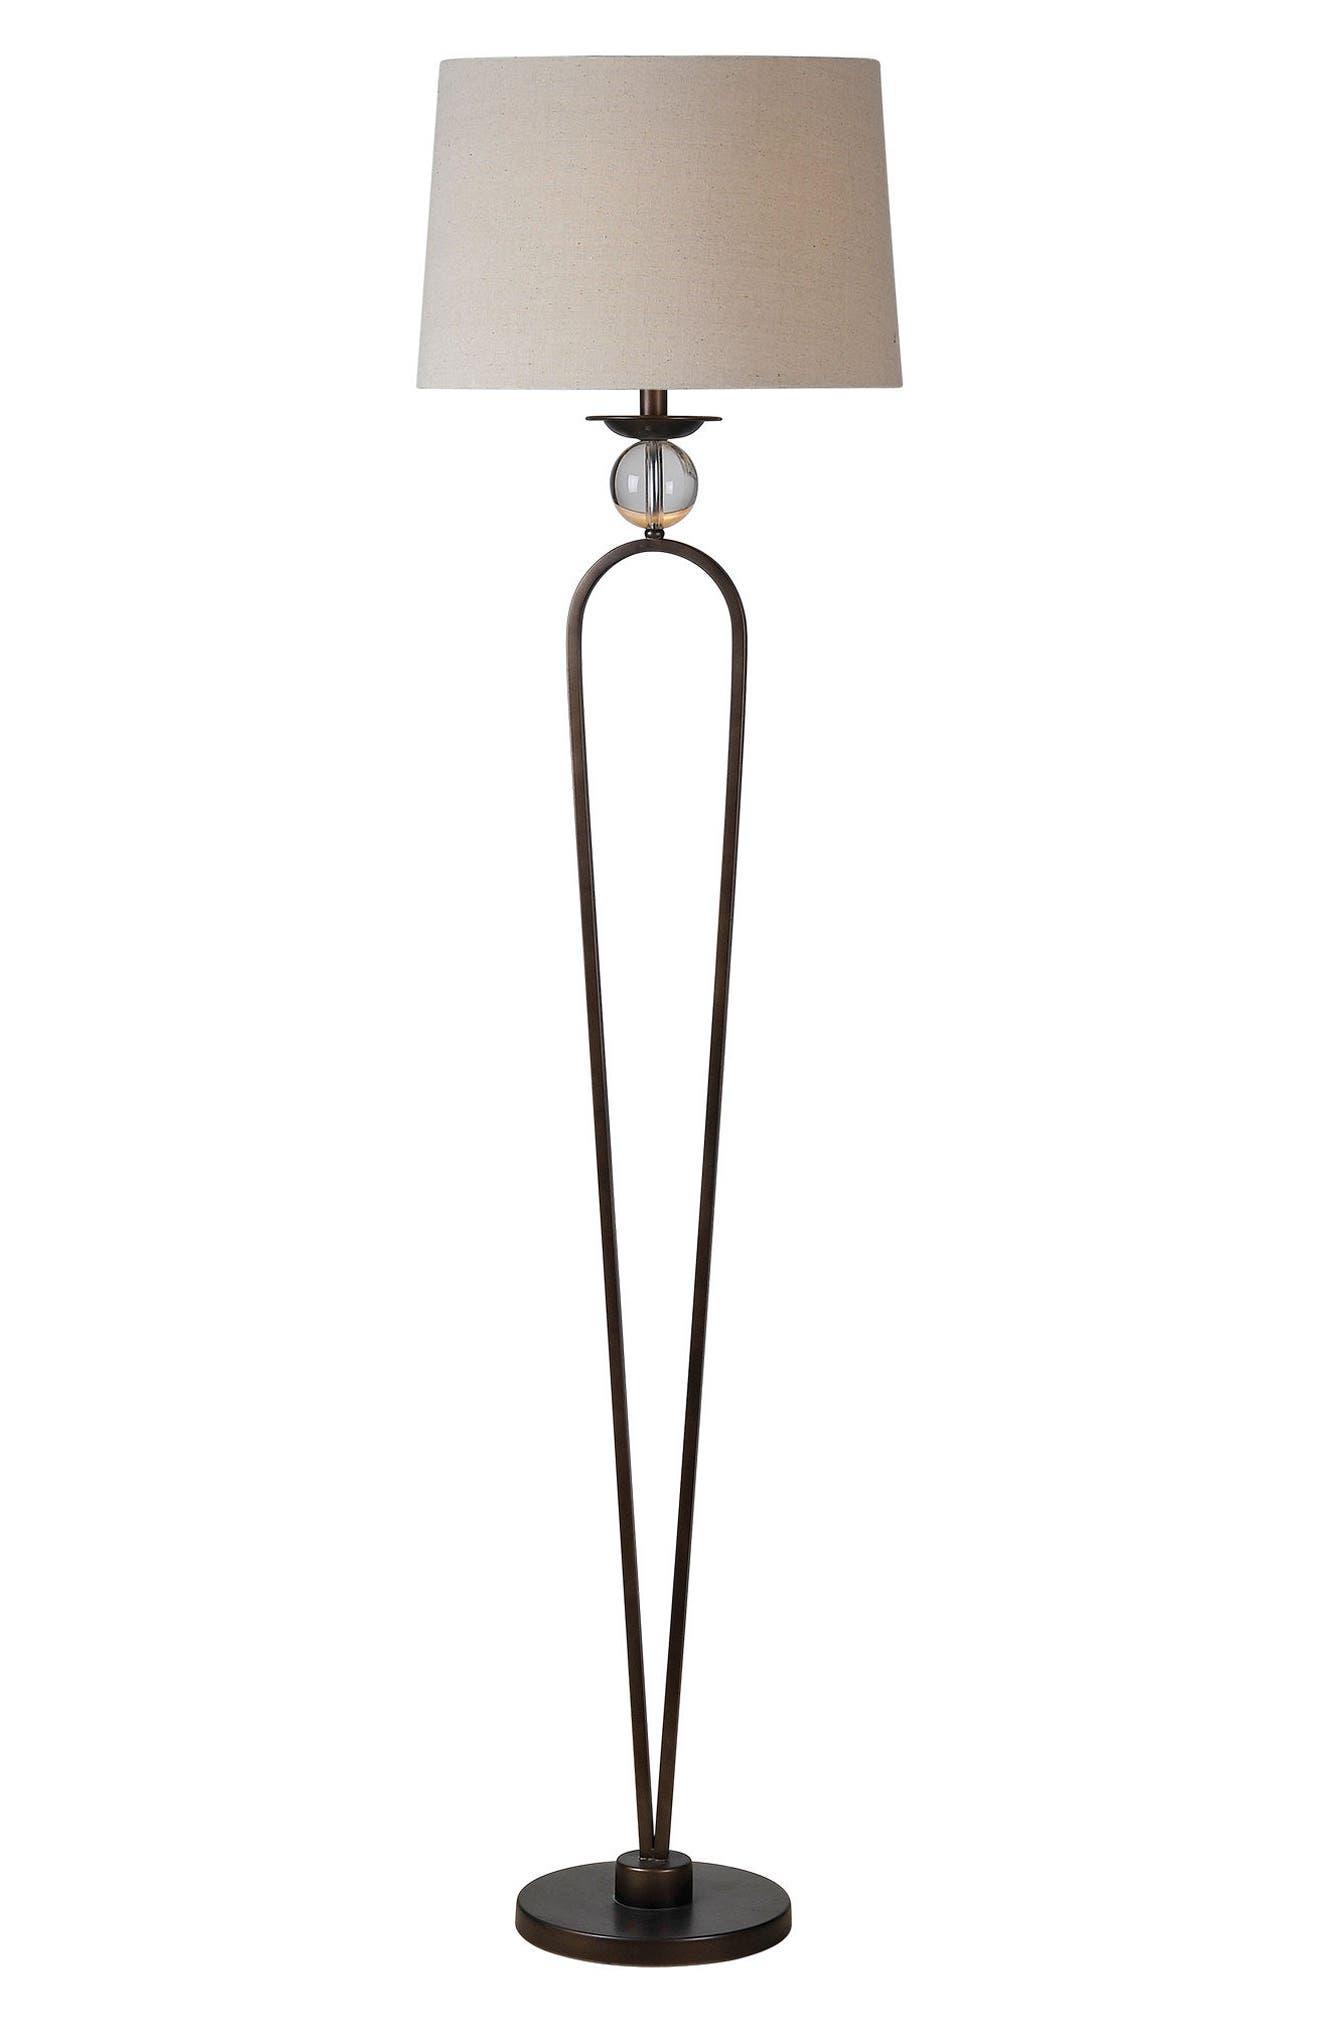 Main Image - Renwil Pembroke Floor Lamp